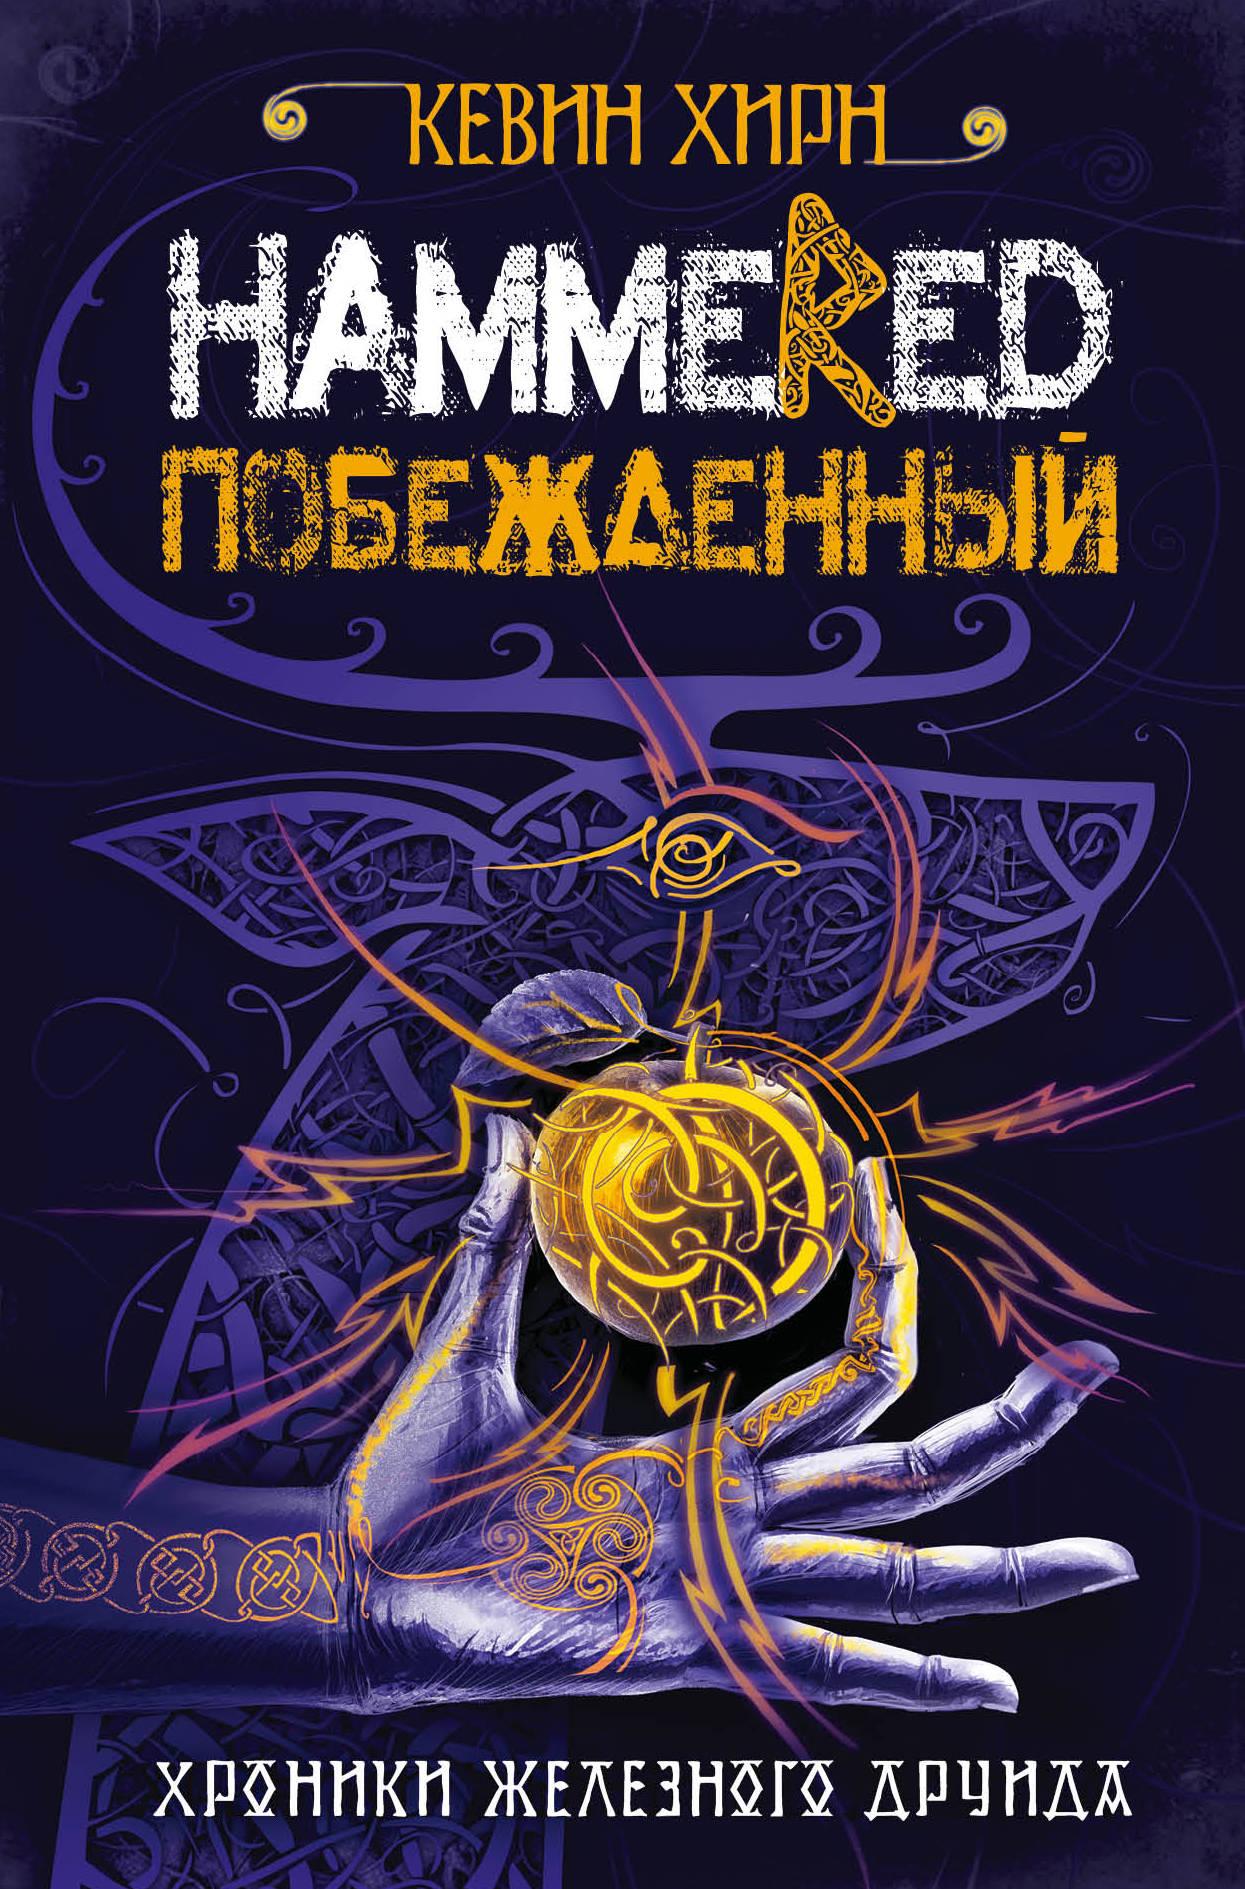 Кевин Хирн Побежденный. Hammered хирн к хроники железного друида преследуемый проклятый побежденный комплект из 3 х книг